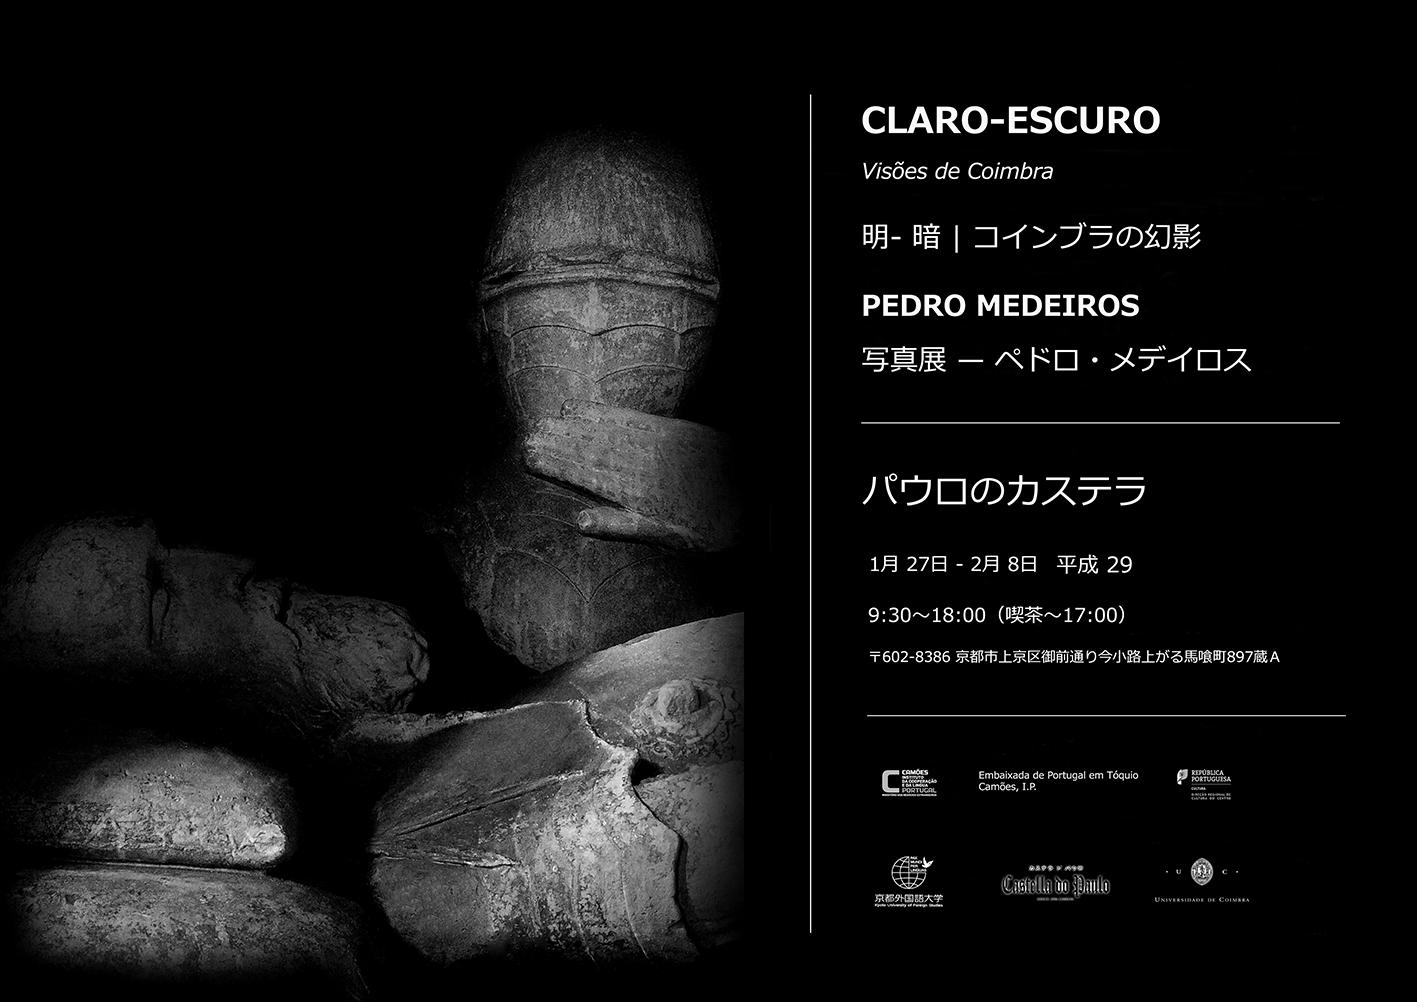 Pedro Medeiros, Claro-Escuro Visões de Coimbra